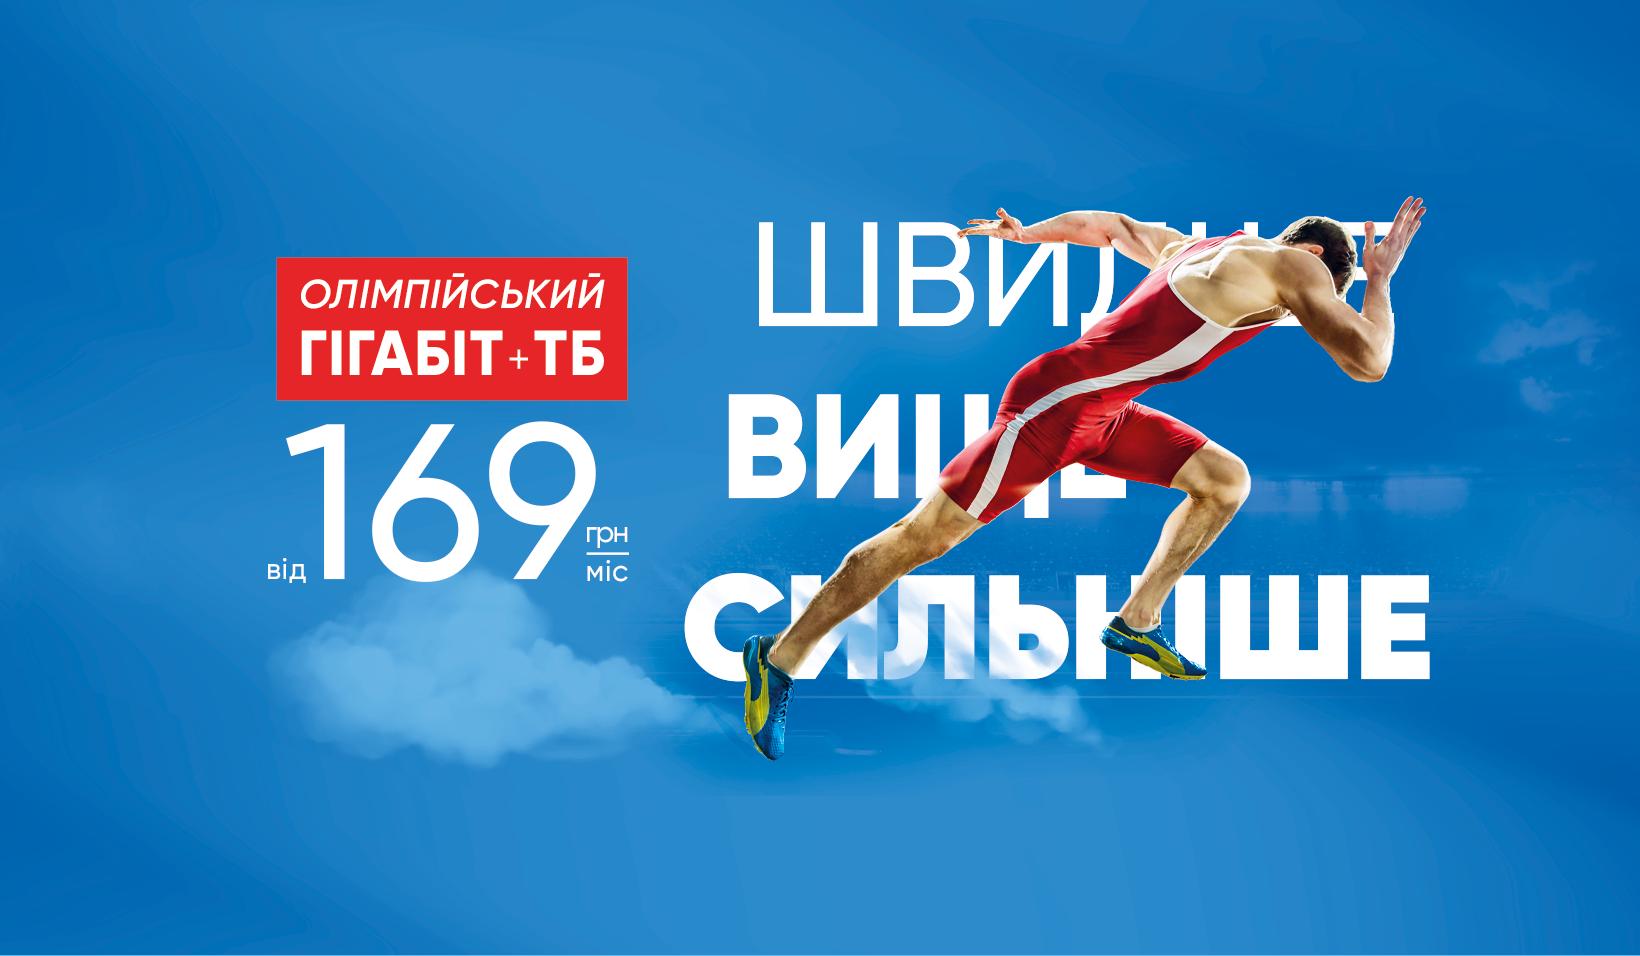 Інтернет та Телебачення за 169грн/міс!